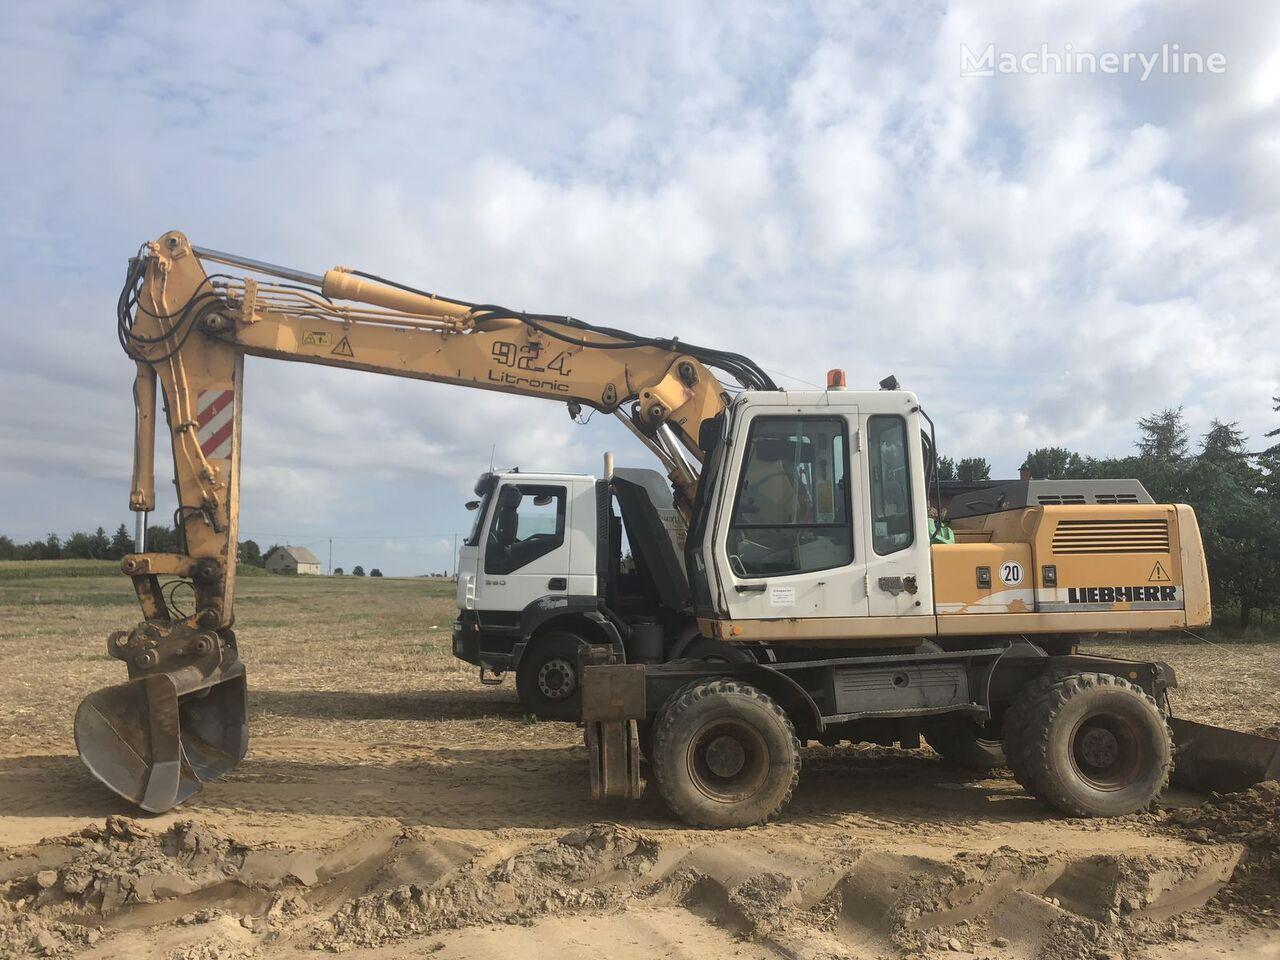 LIEBHERR 924 wheel excavator